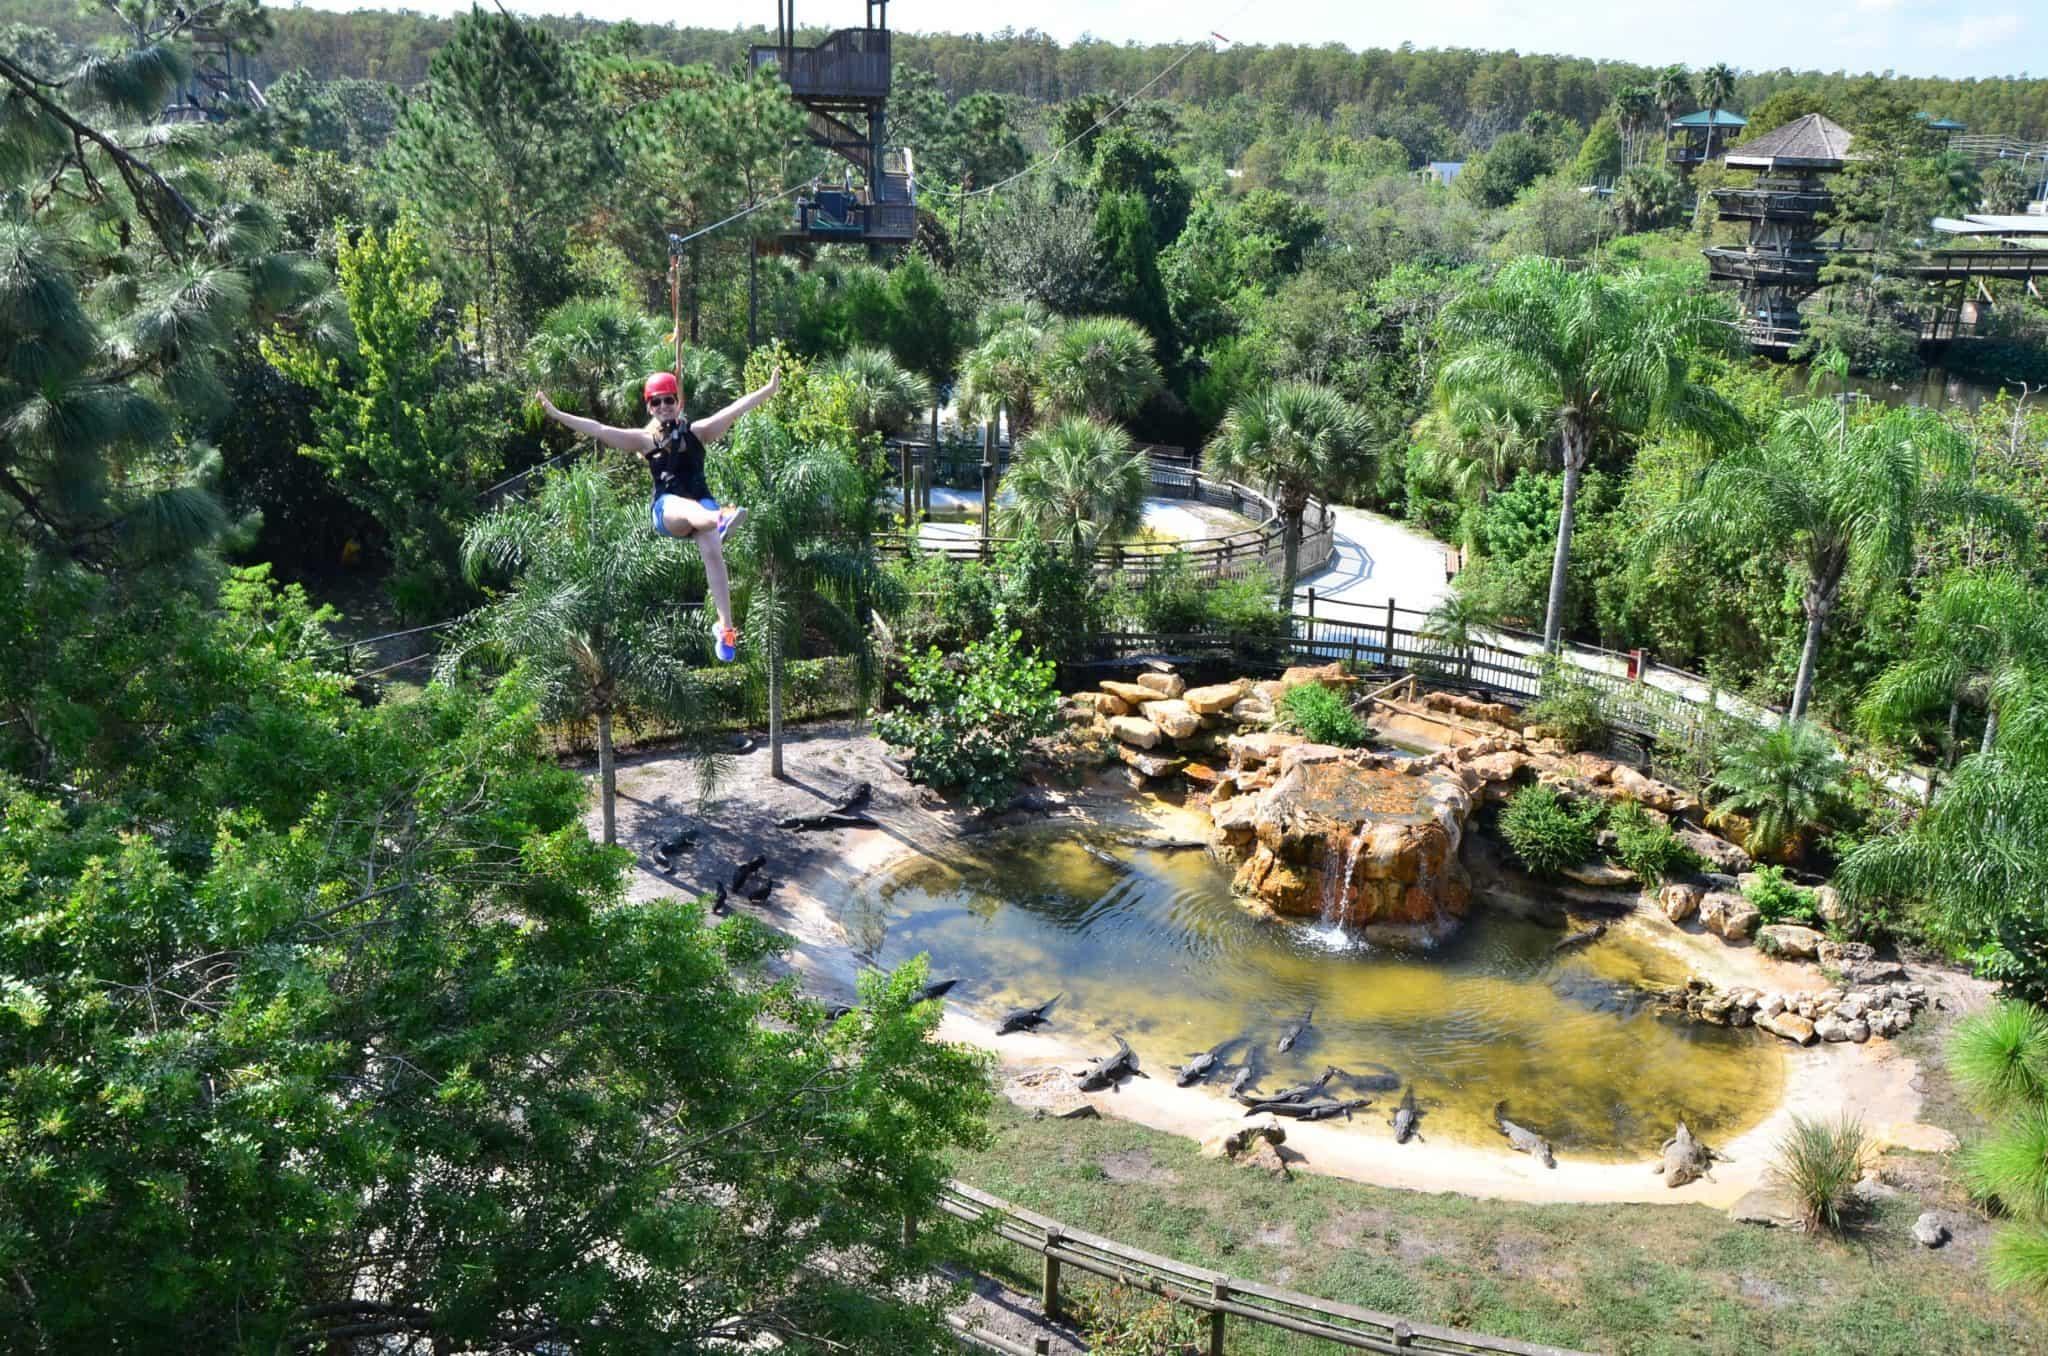 Pontos turísticos em Kissimmee: Gatorland